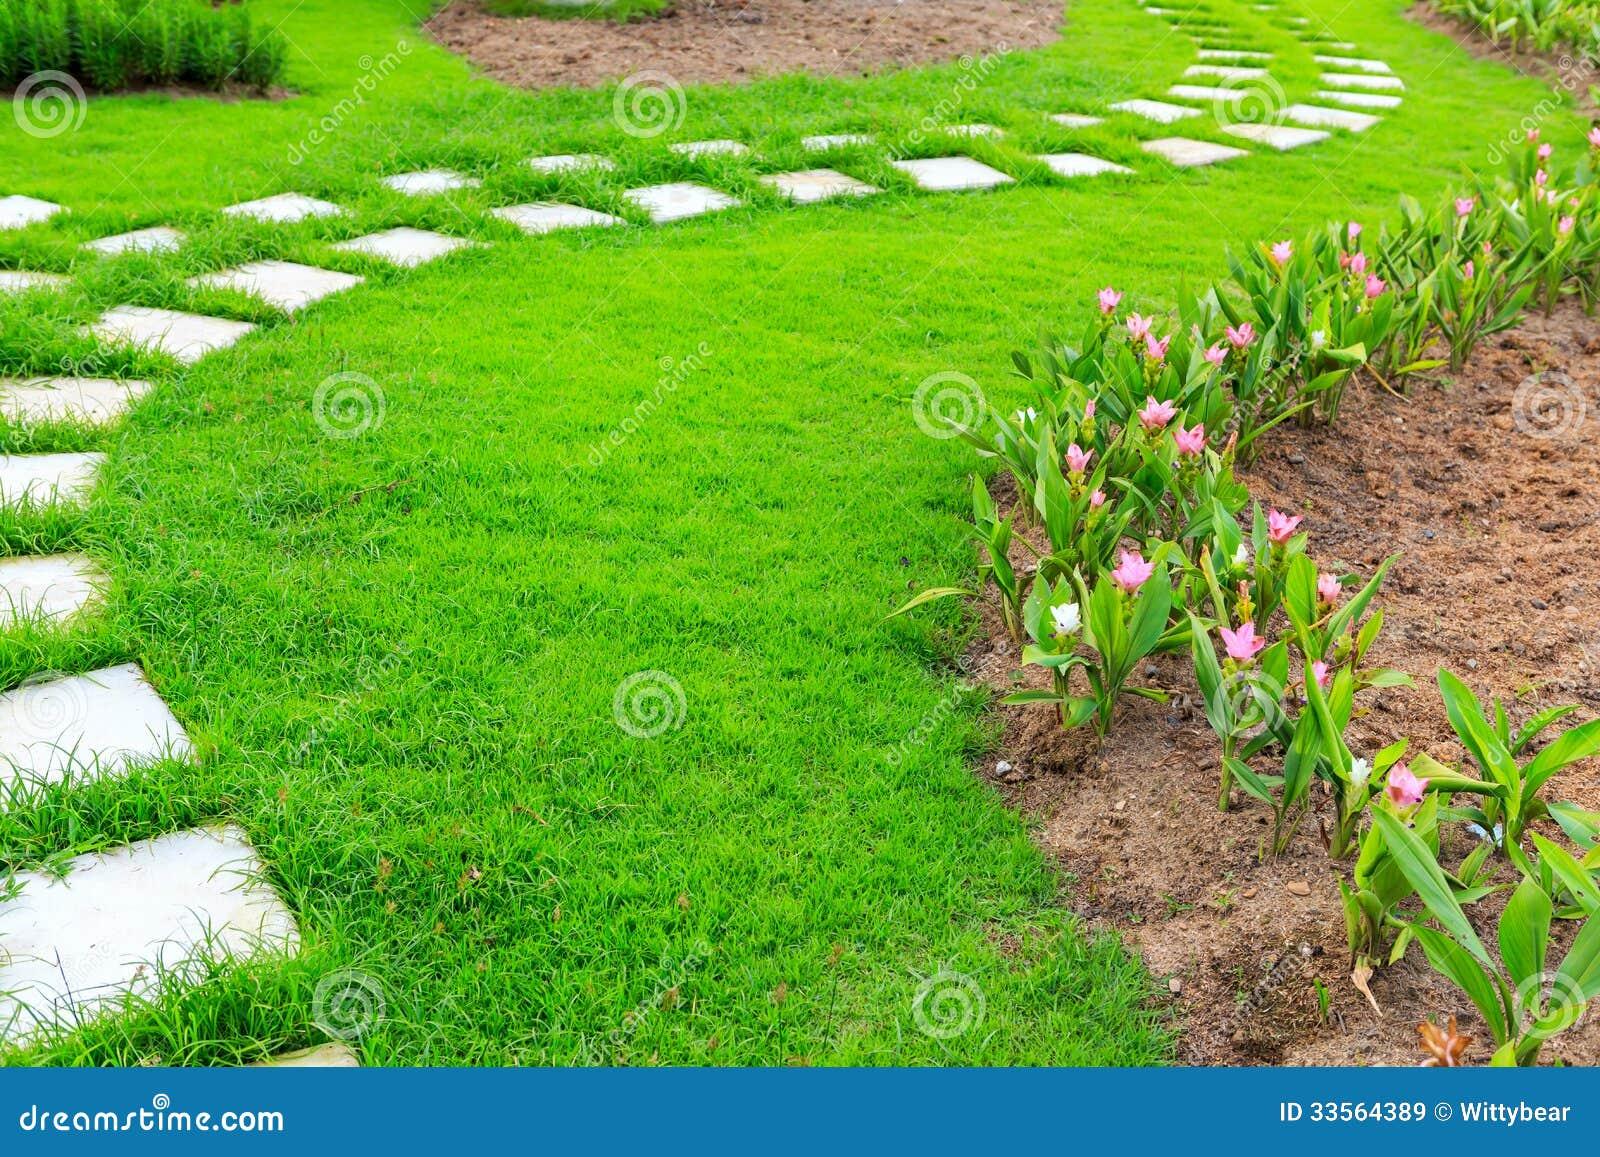 pedras para jardim em sorocaba:Trajeto De Pedra Do Pé Do Jardim Com Grama Imagens de Stock Royalty